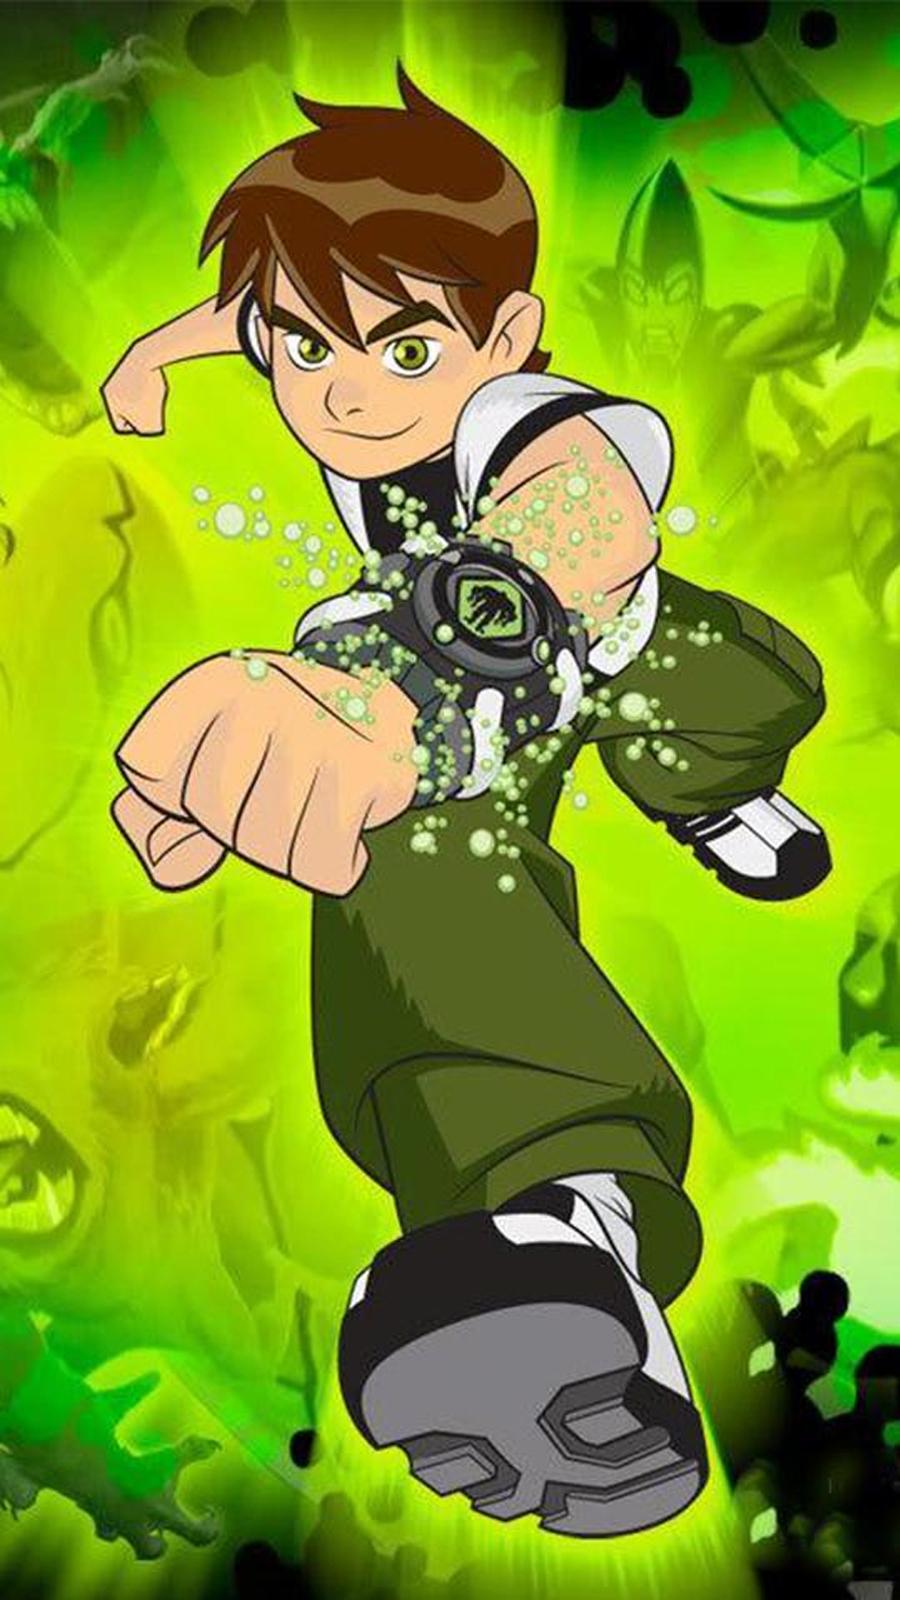 Ben10 Wallpaper – Ben10 Cartoon Character Wallpapers Free Download